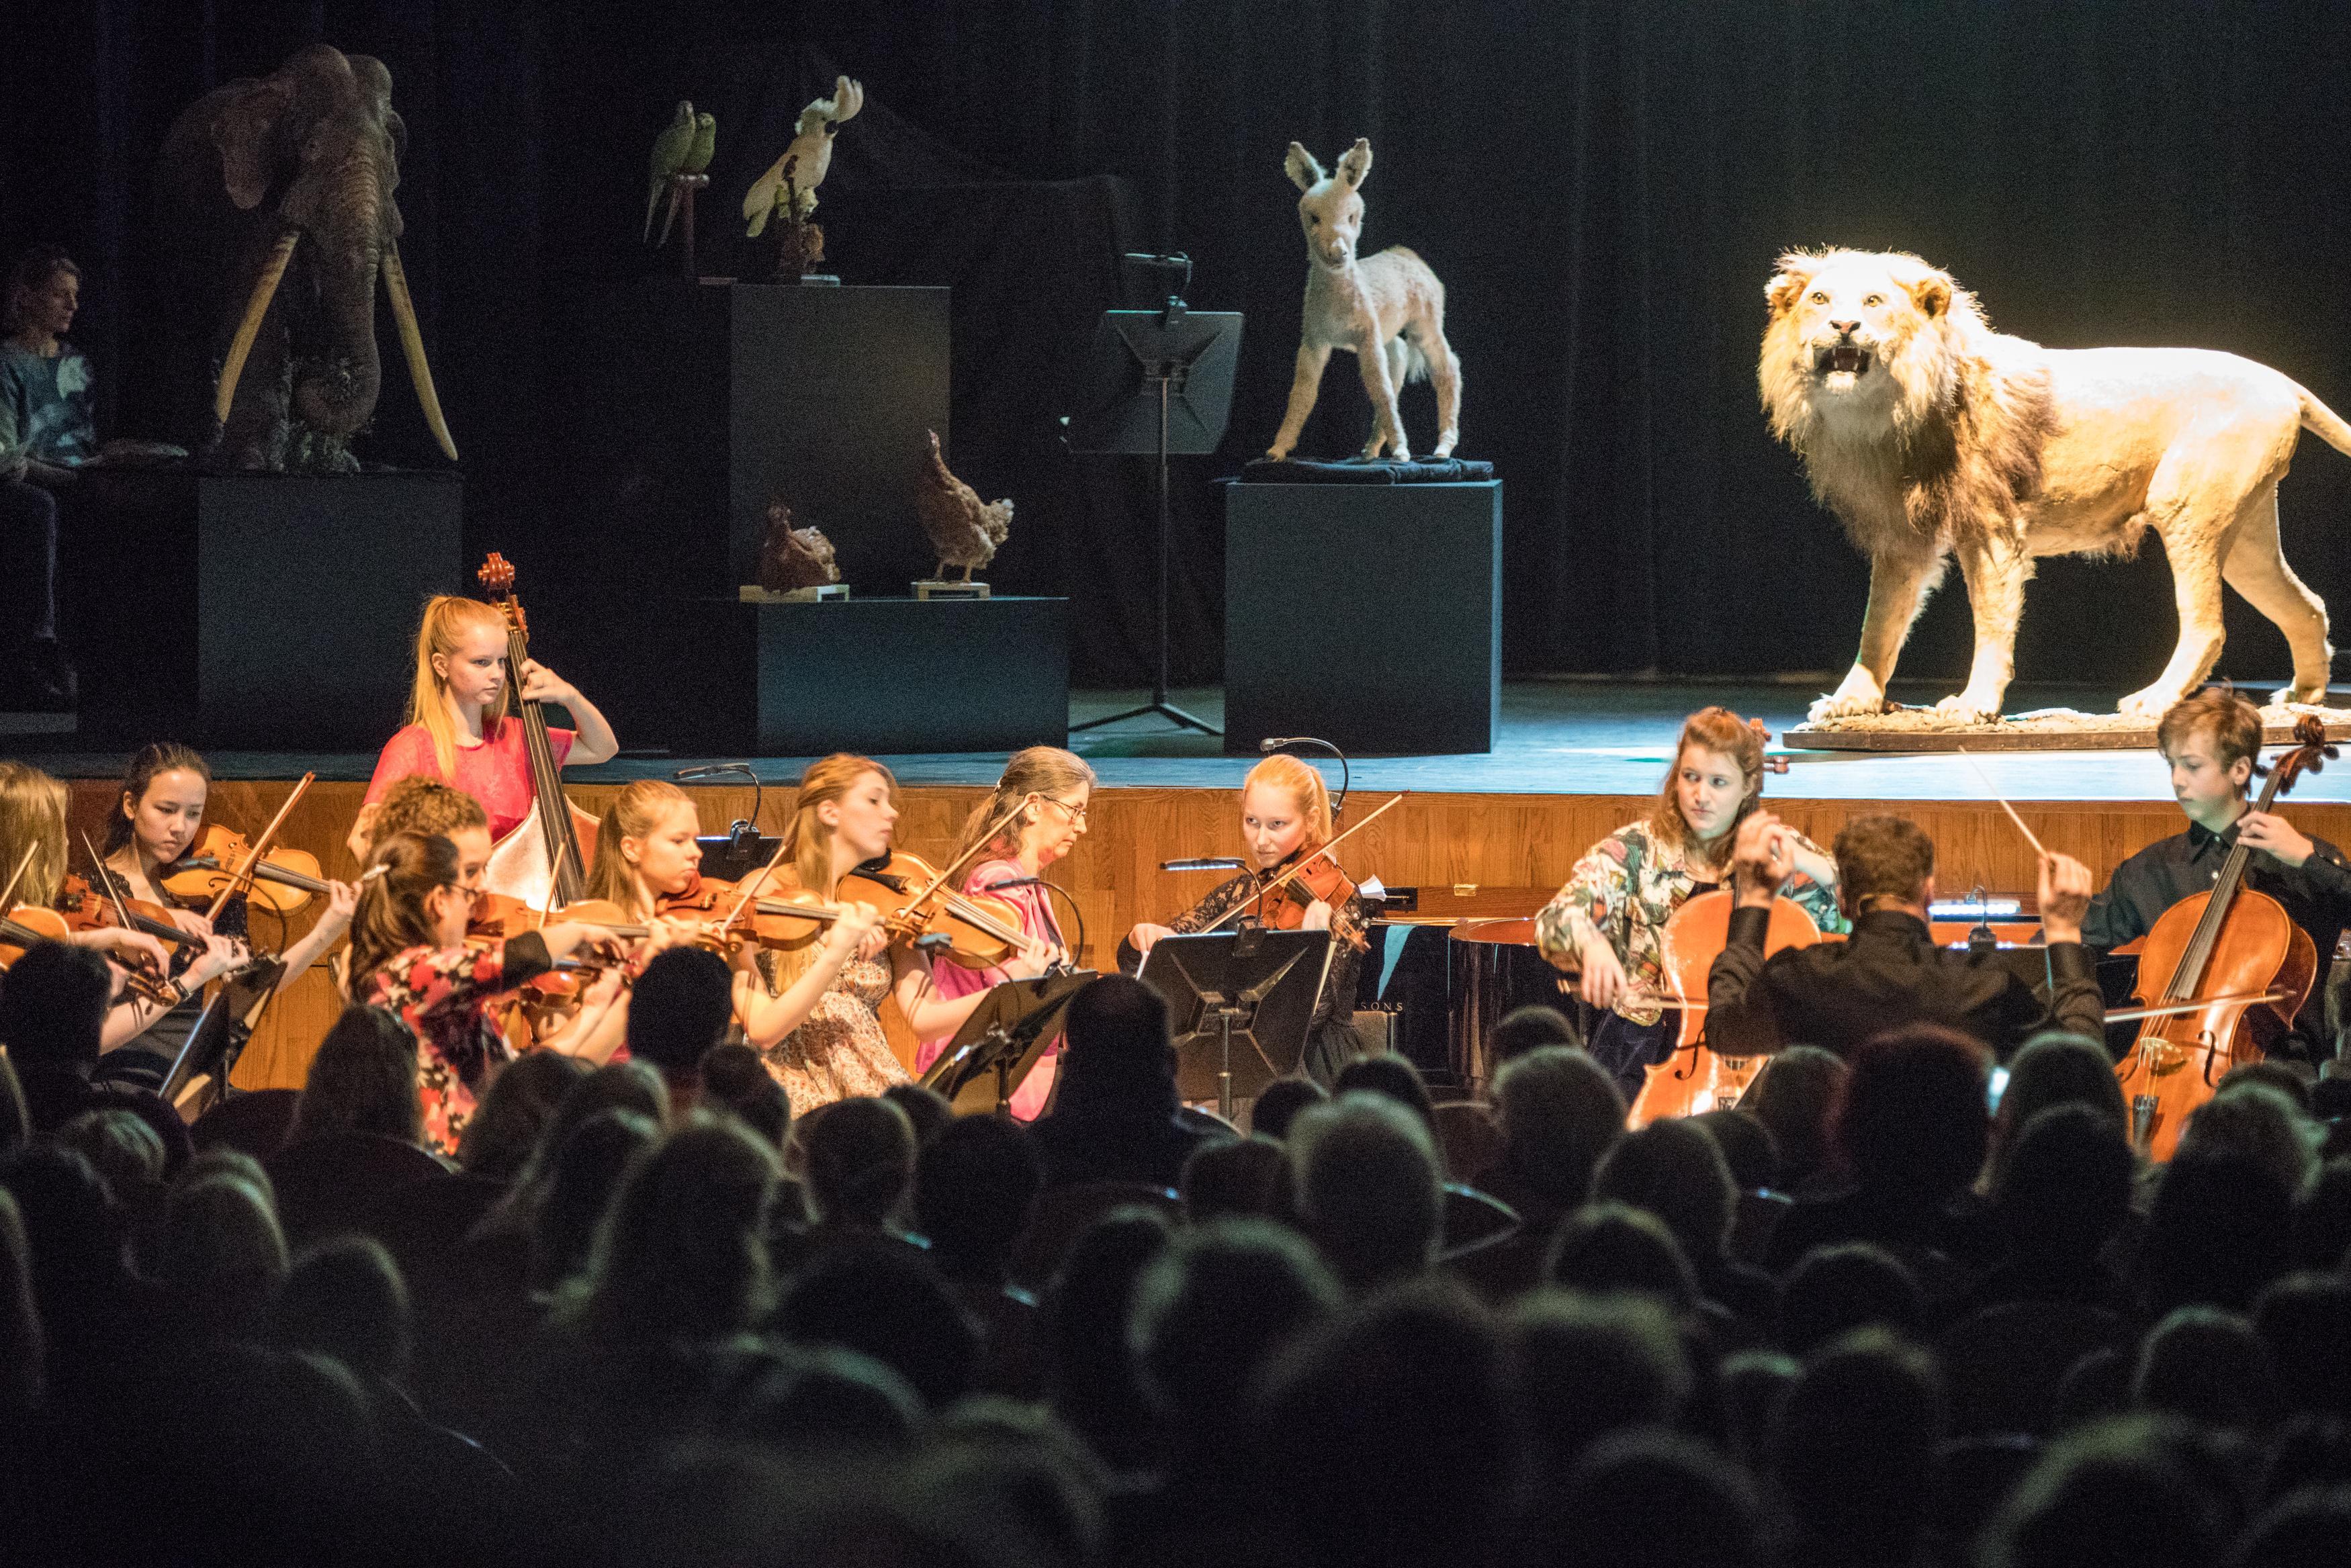 Dieren in plaats van musici op het podium